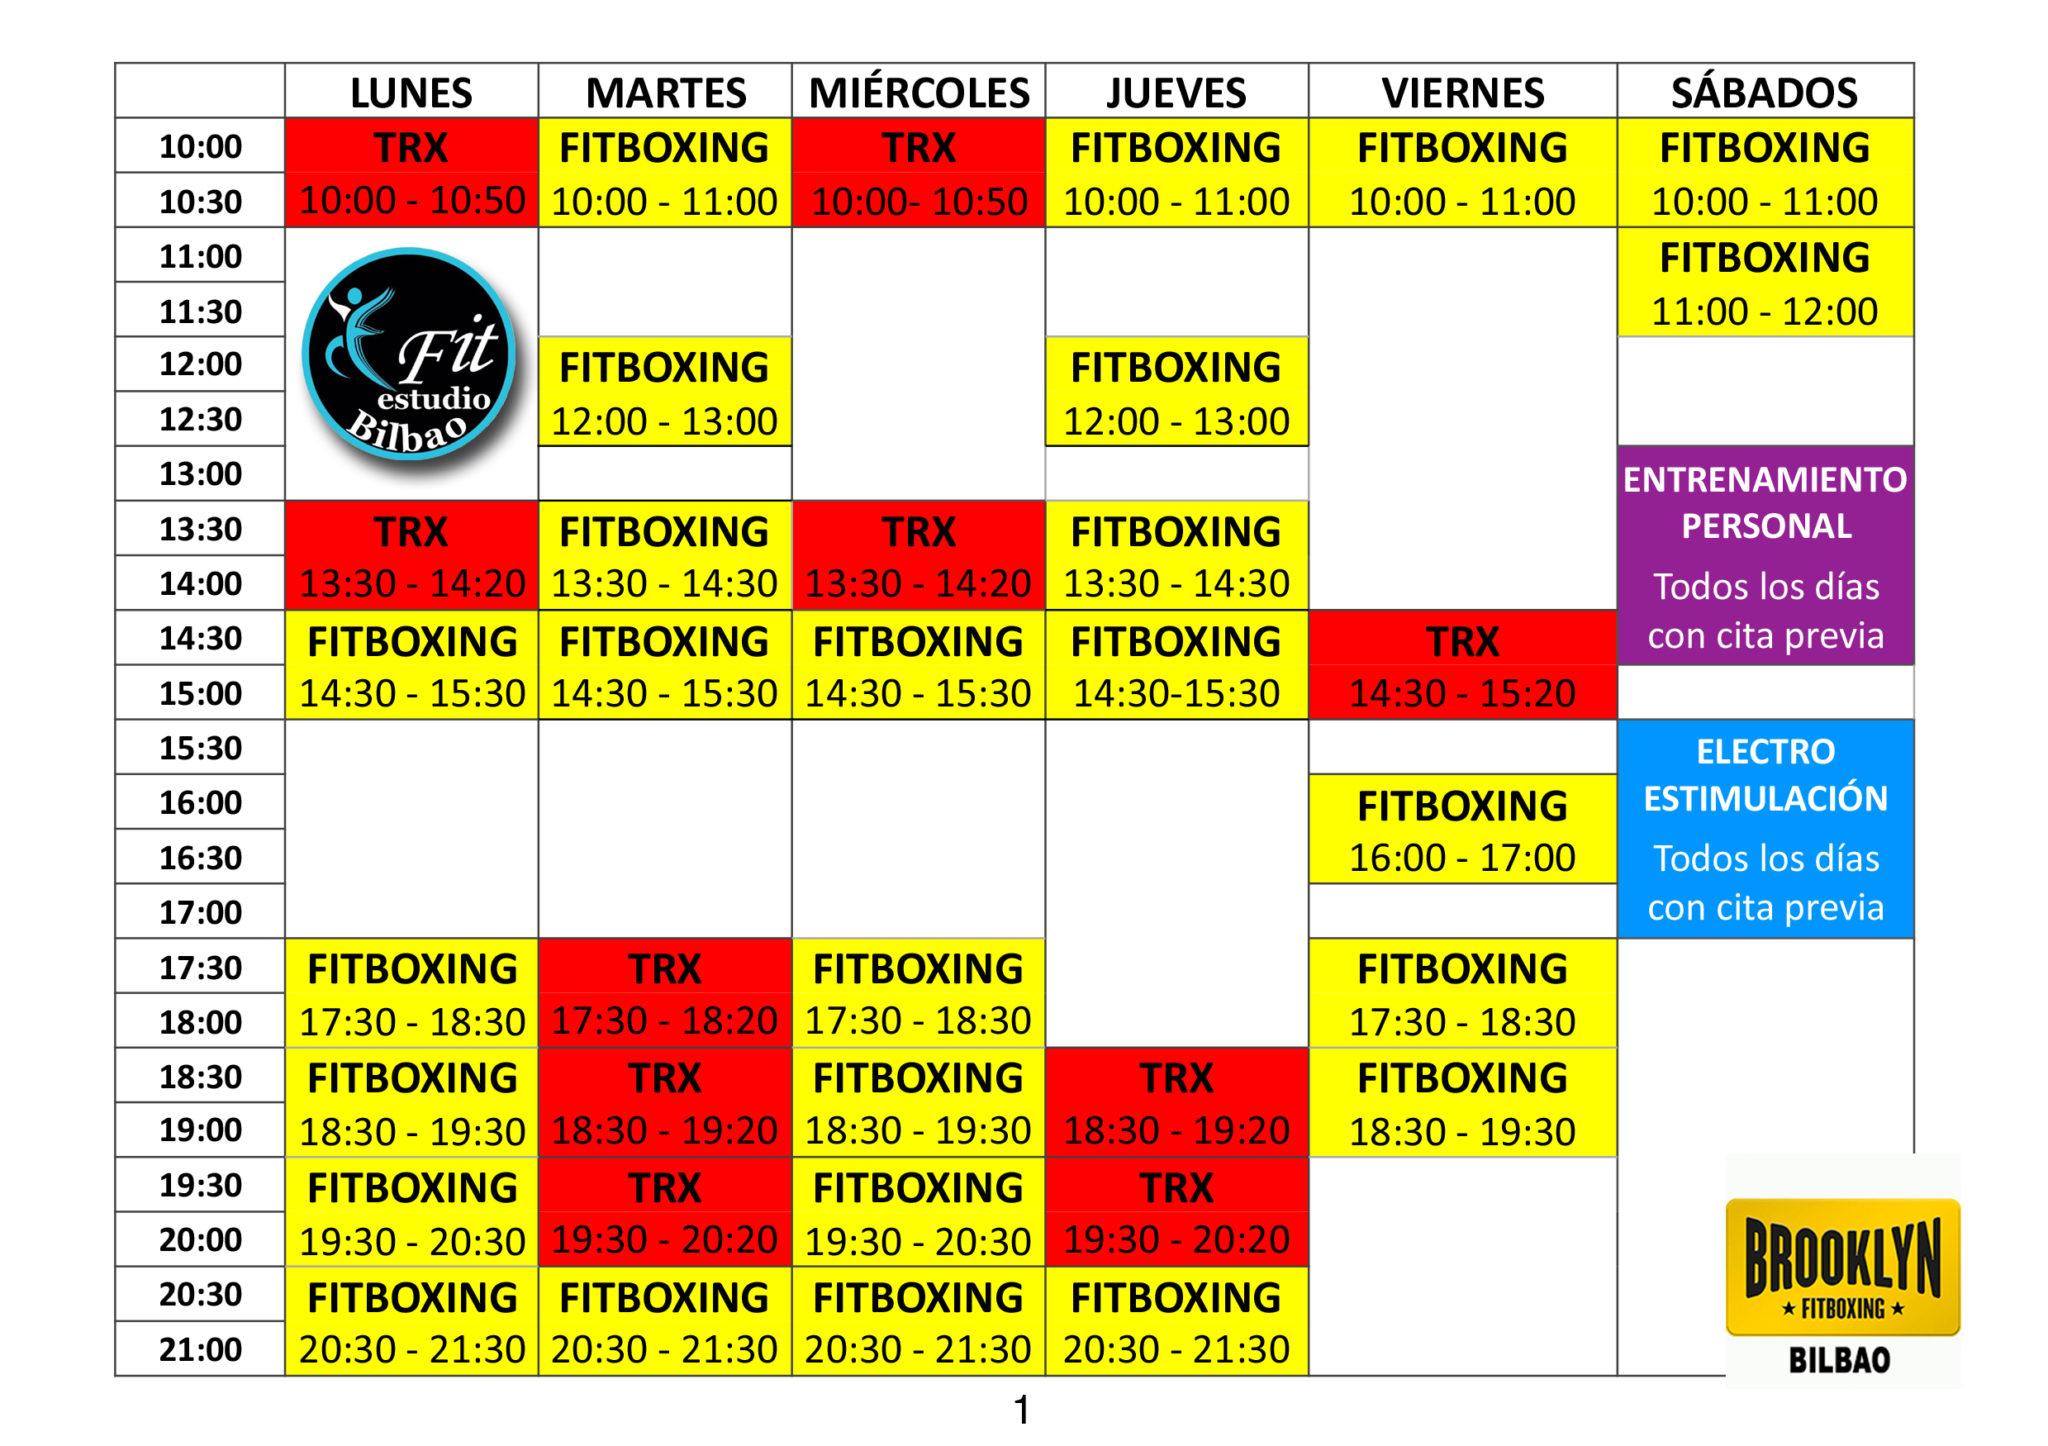 Nuevos Horarios - Efit Bilbao - Verano 2017